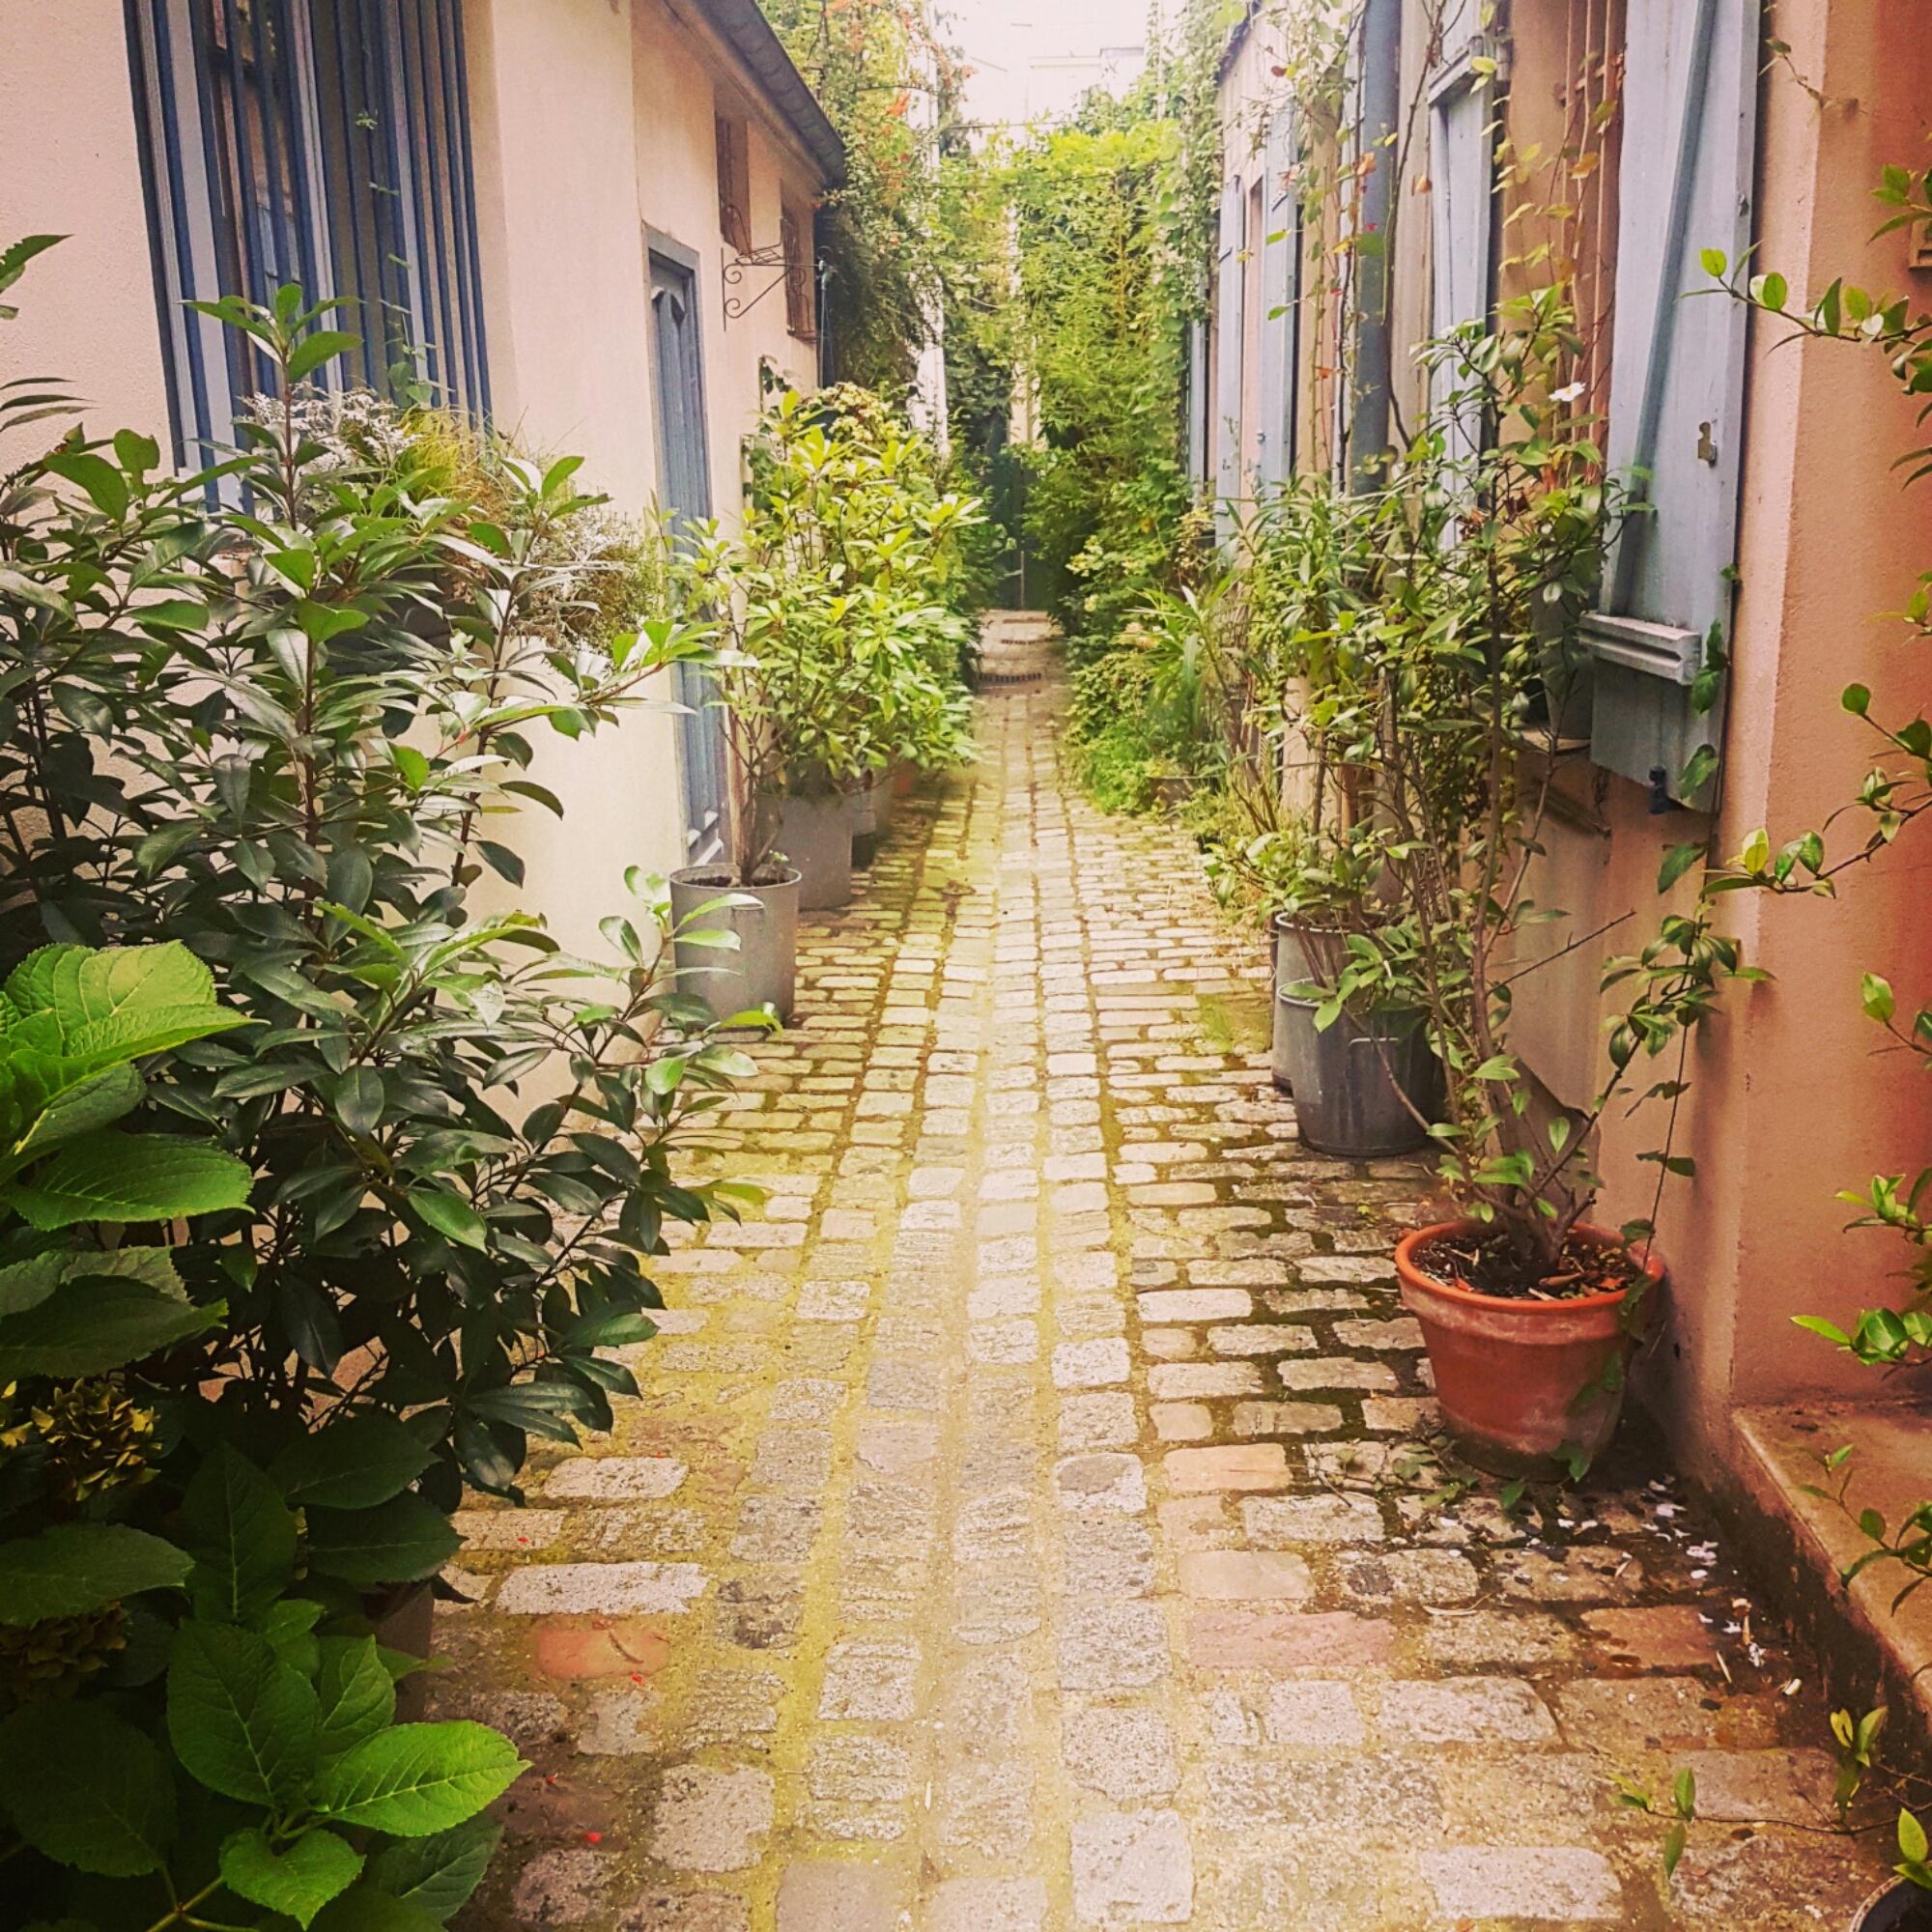 Balade secrets xxe arrondissement onvasortir paris for Les secrets de paris